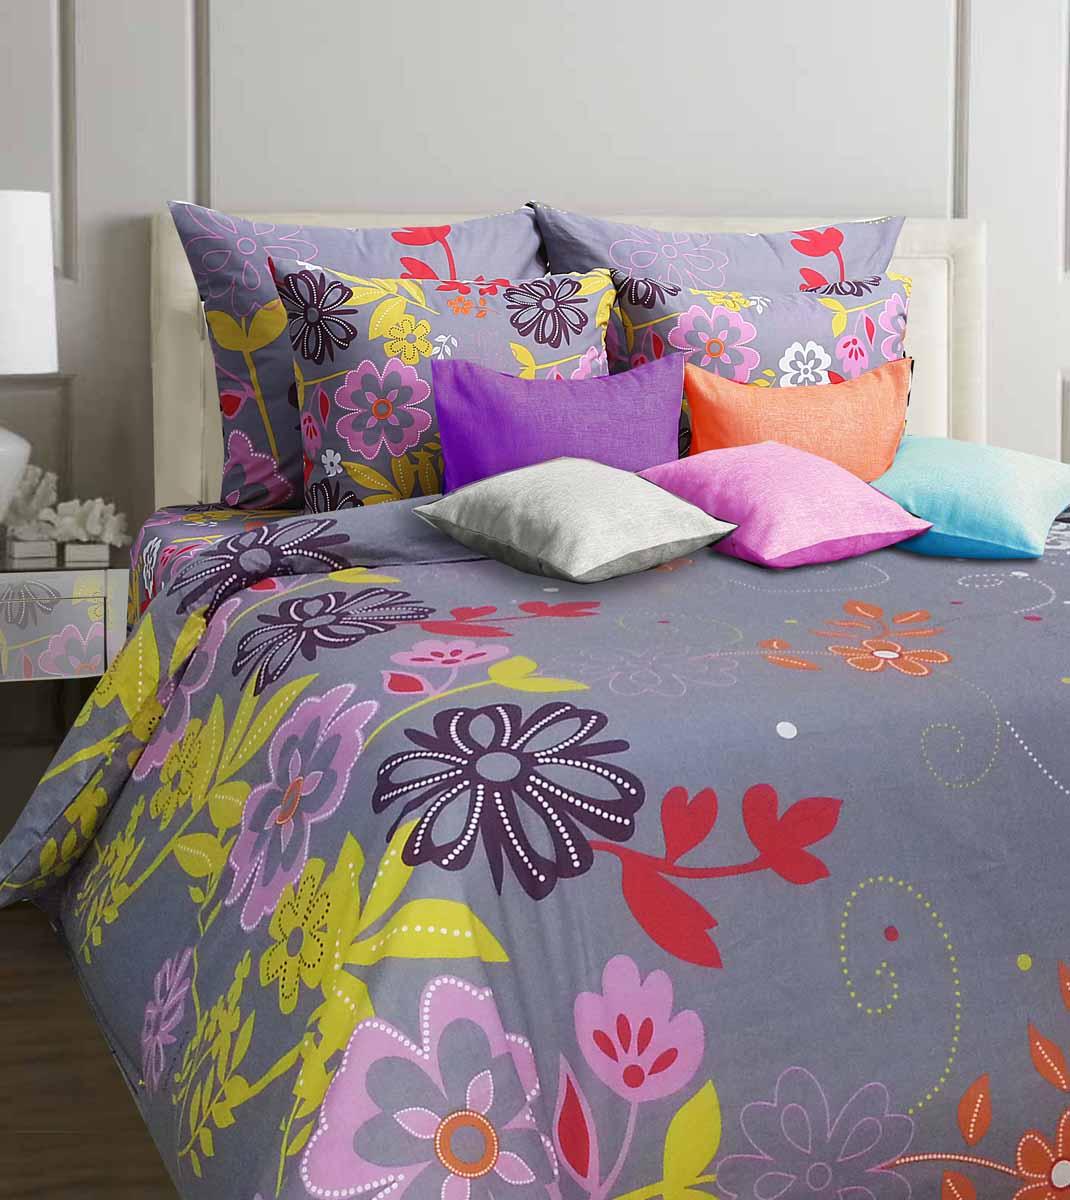 Комплект белья Mona Liza Classiс Dora, 2-спальный, наволочки 50х70. 552205/11 комплект двуспальный mona liza dora